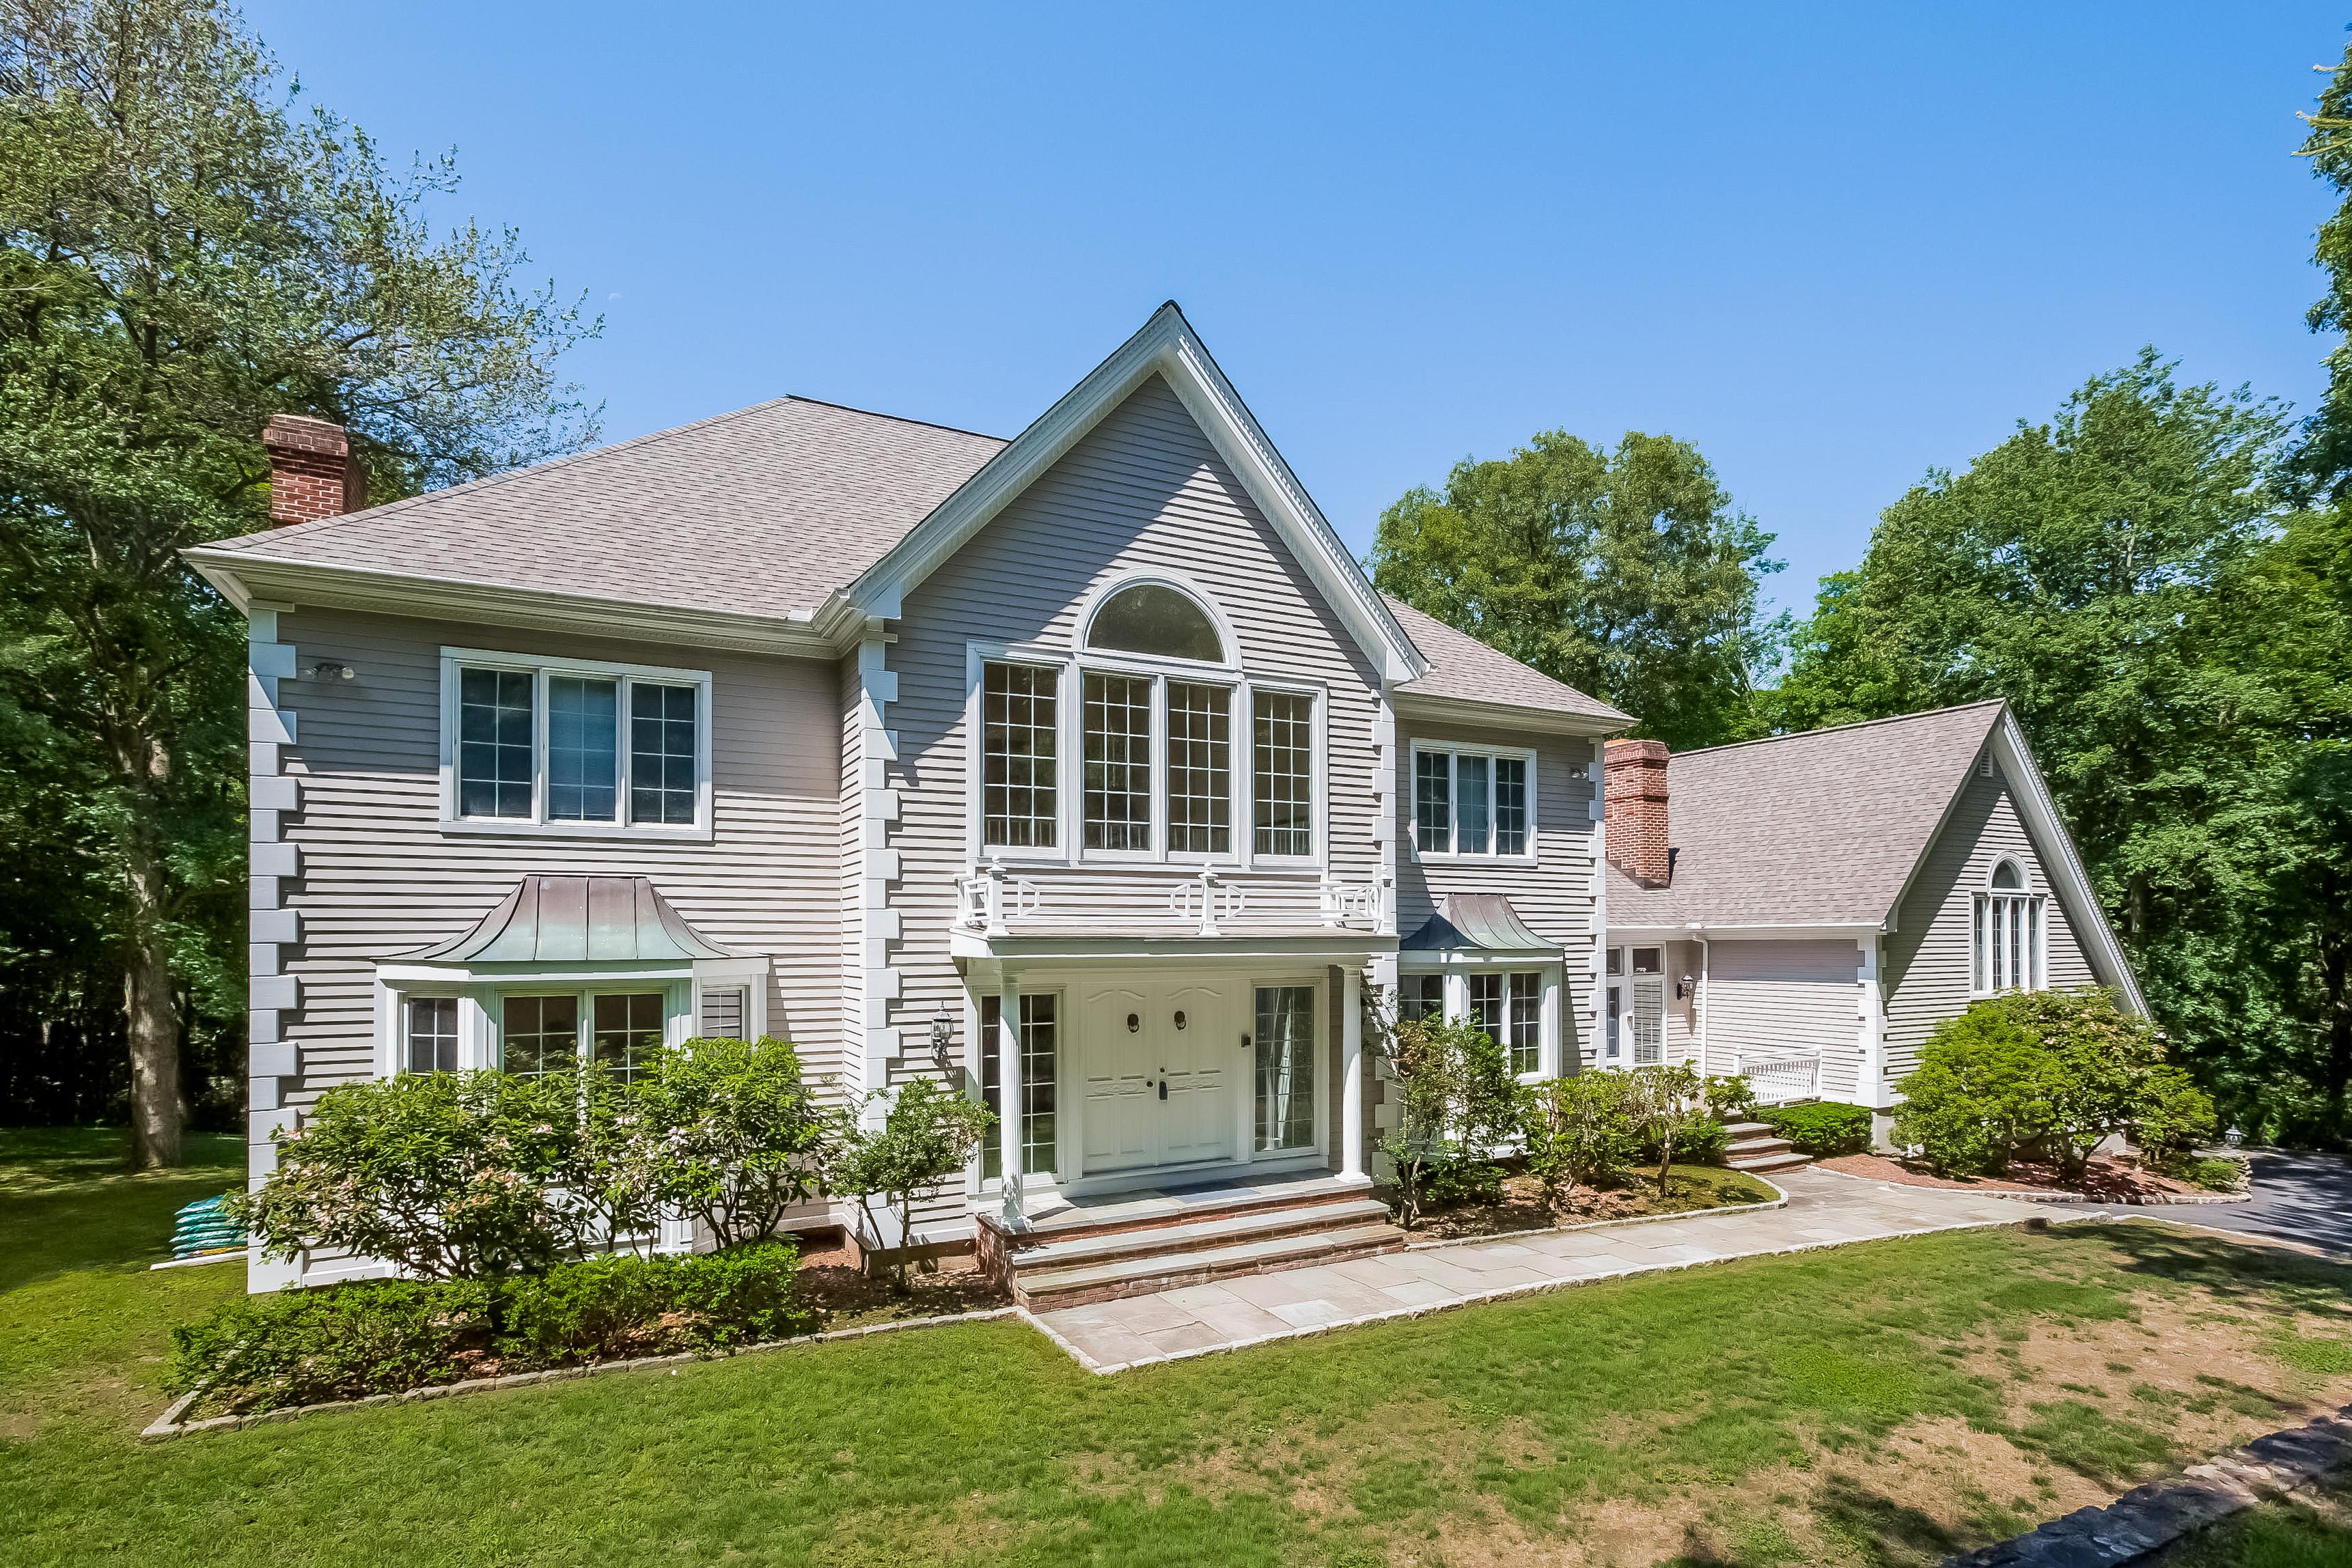 단독 가정 주택 용 매매 에 Refined Living 39 11 O Clock Road Weston, 코네티컷, 06883 미국